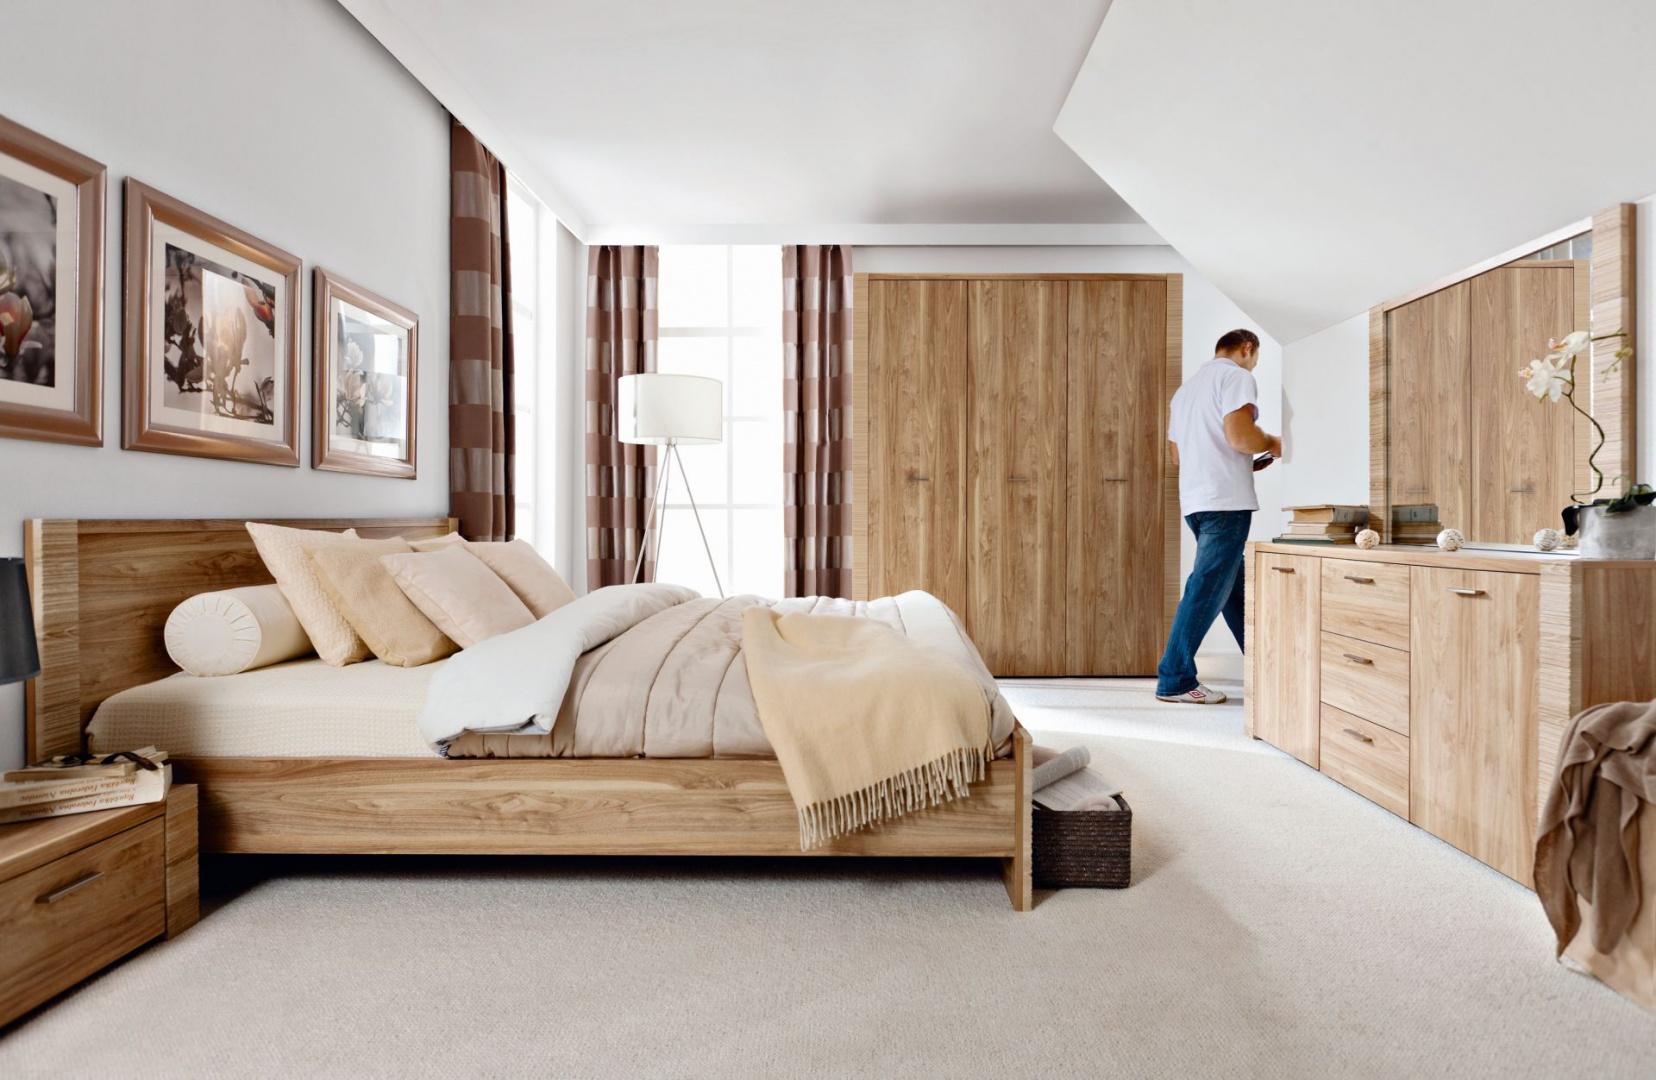 Meble do sypialni Raflo charakteryzują się delikatnym, jasnym odcieniem drewna i zdobionymi bokami brył. Ryflowane brzegi dodają całej kolekcji jeszcze większej naturalności. Fot. Black Red White.